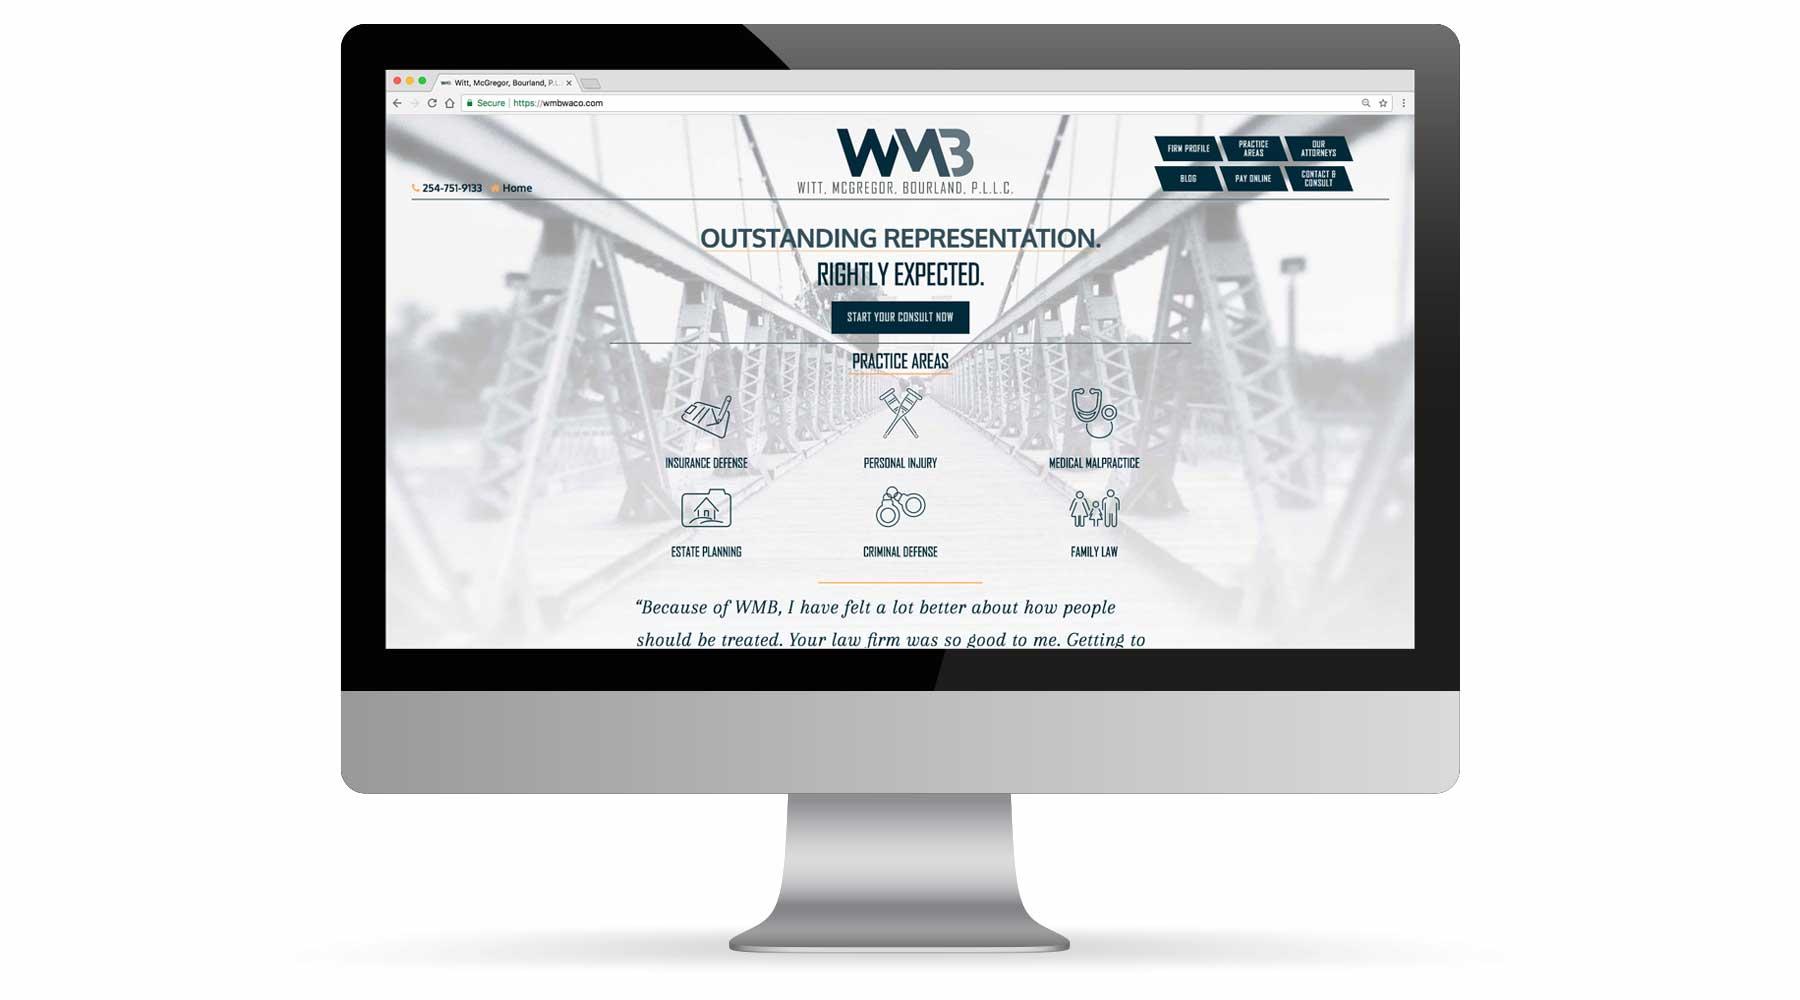 Witt, McGregor, Bourland, PLLC Website Portfolio